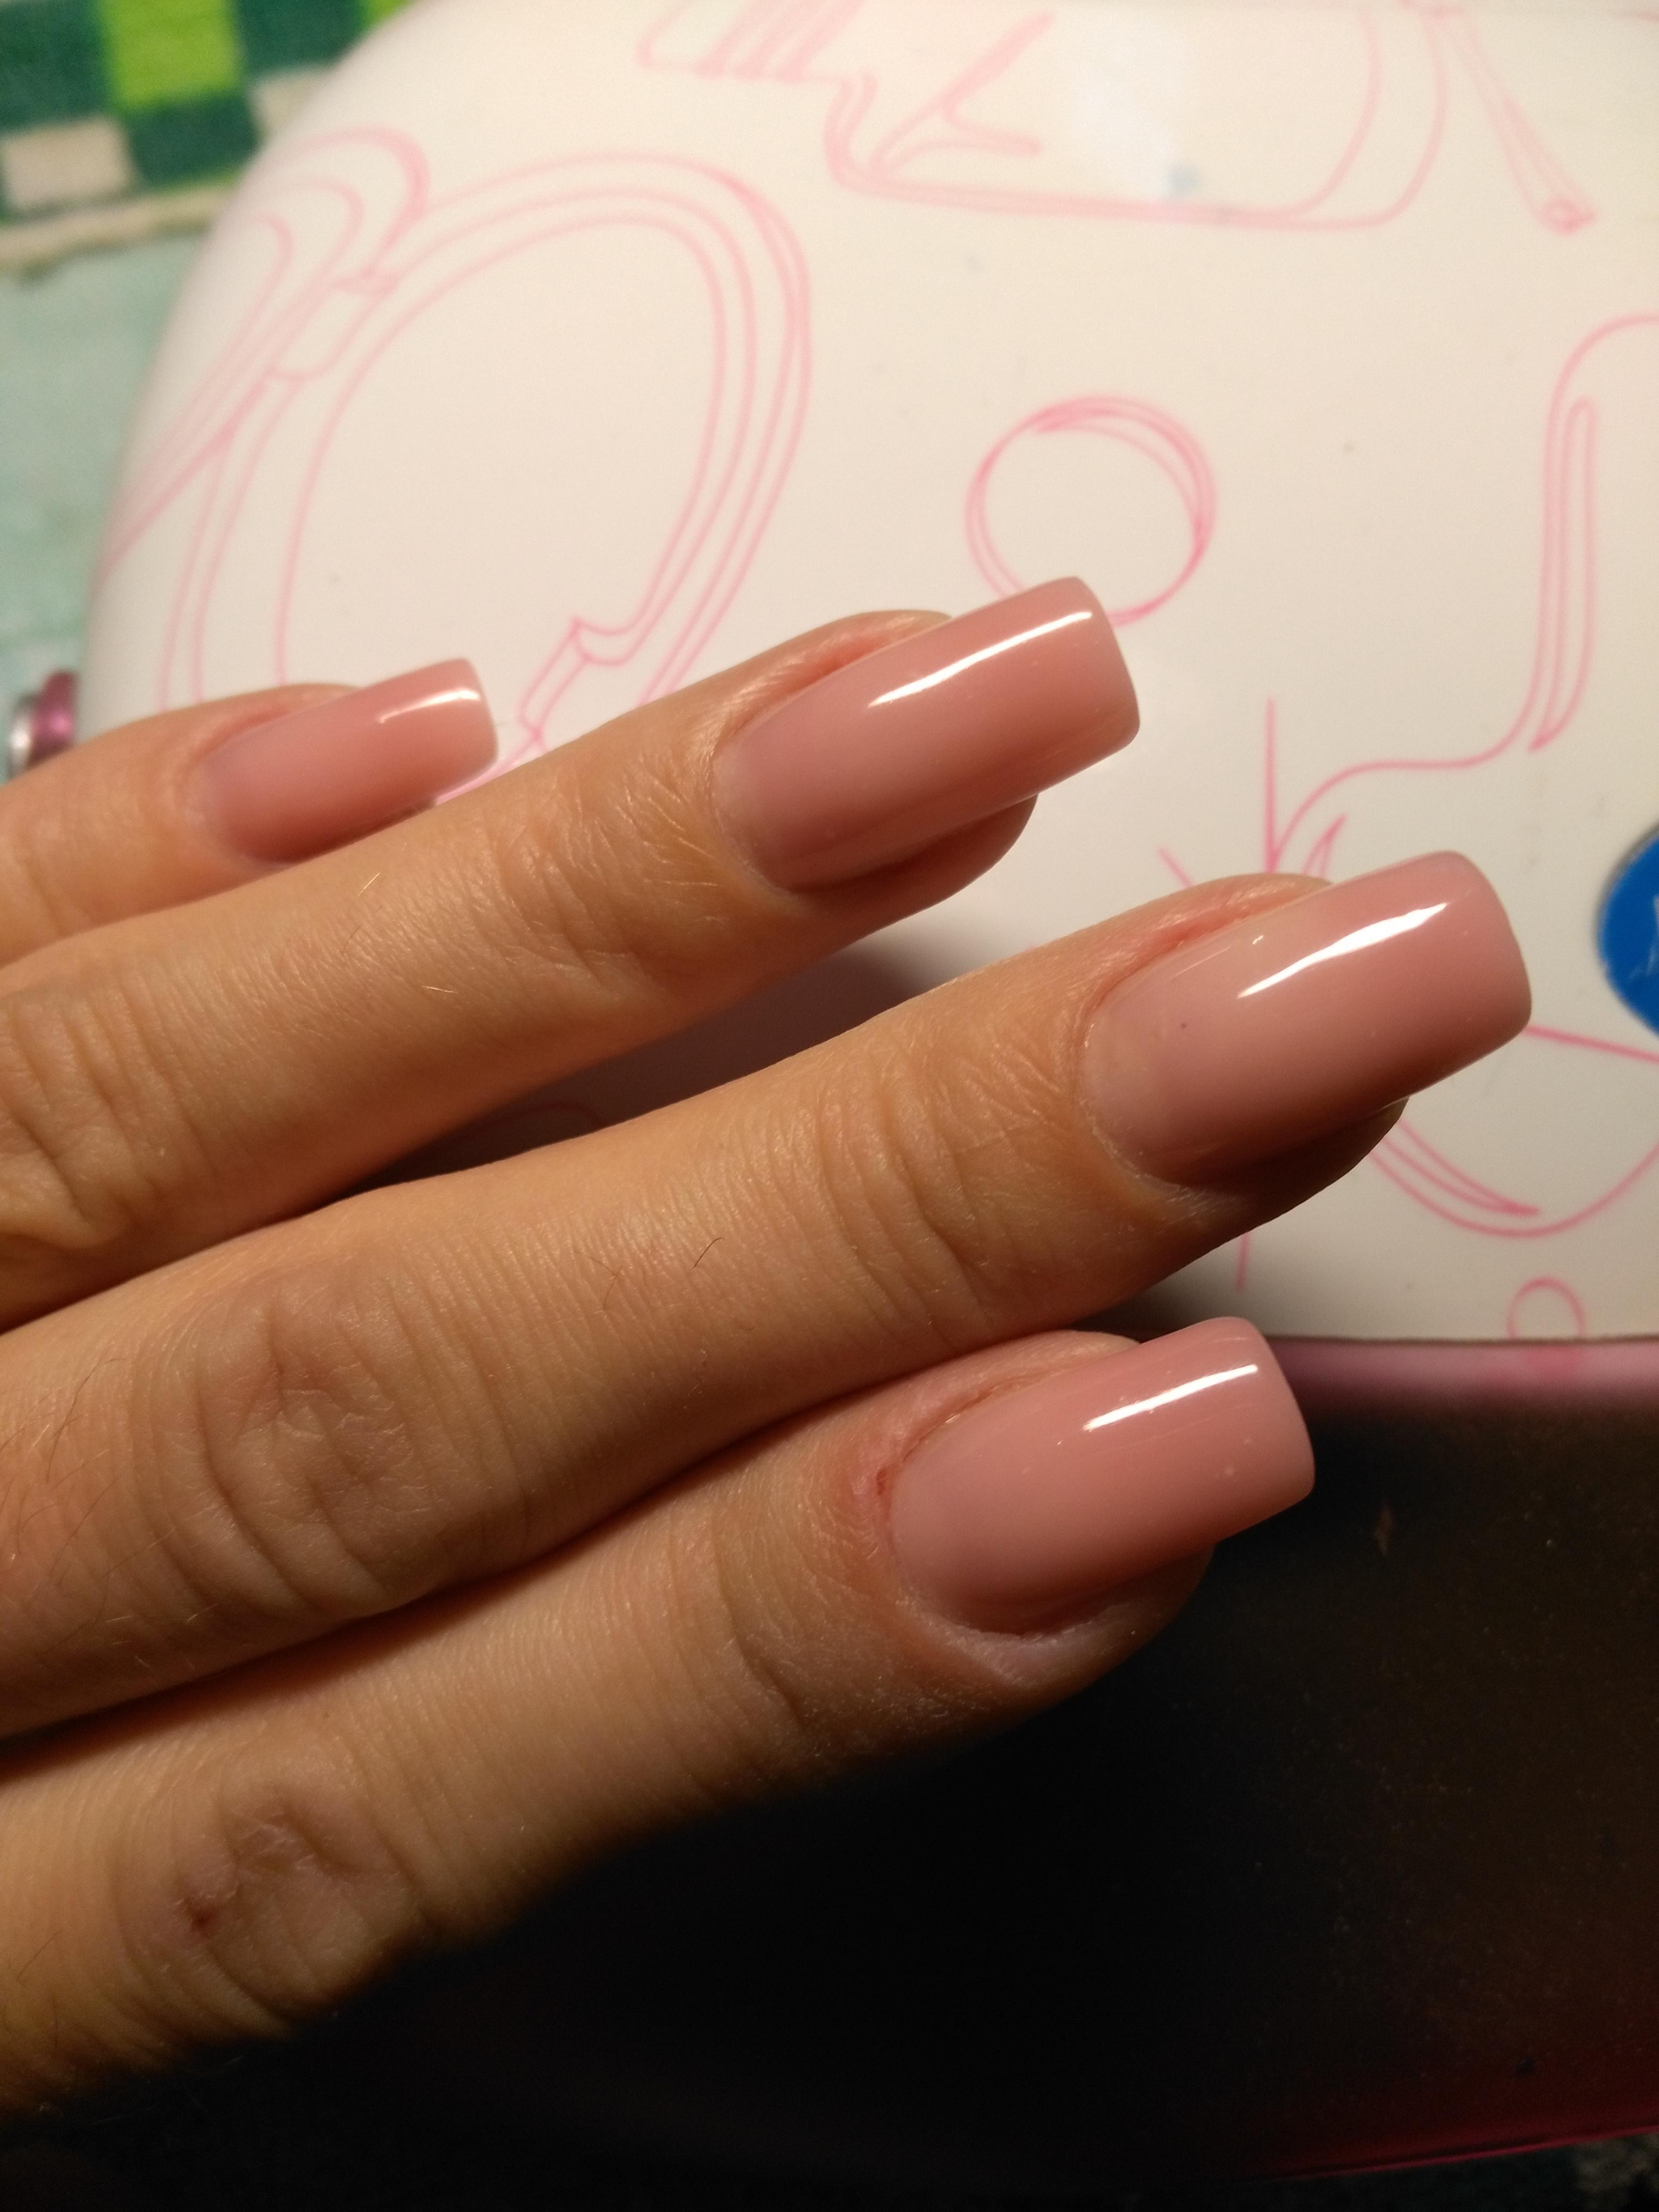 Перед дизайном — розовый маникюр на длинные ногти